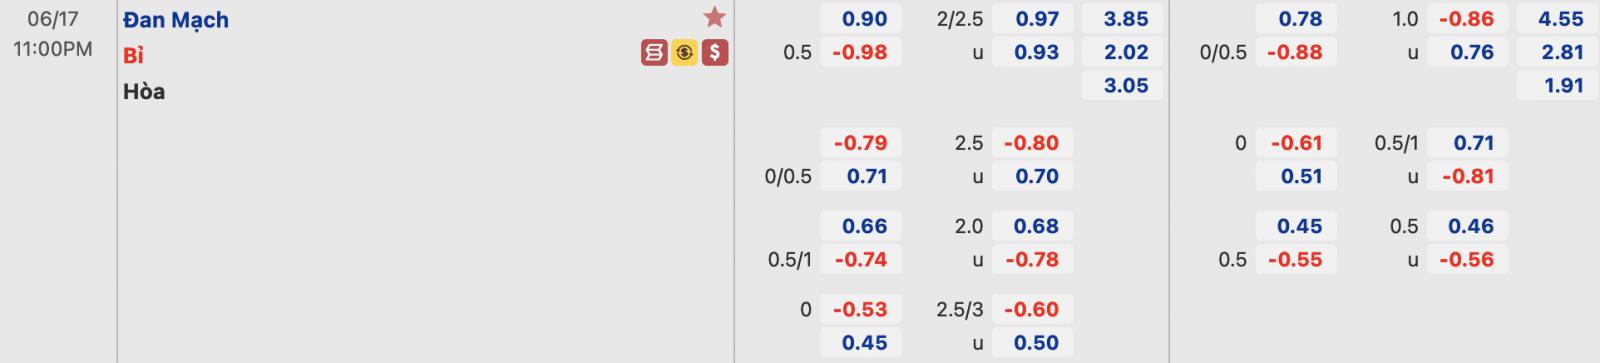 Tỷ lệ Đan Mạch vs Bỉ